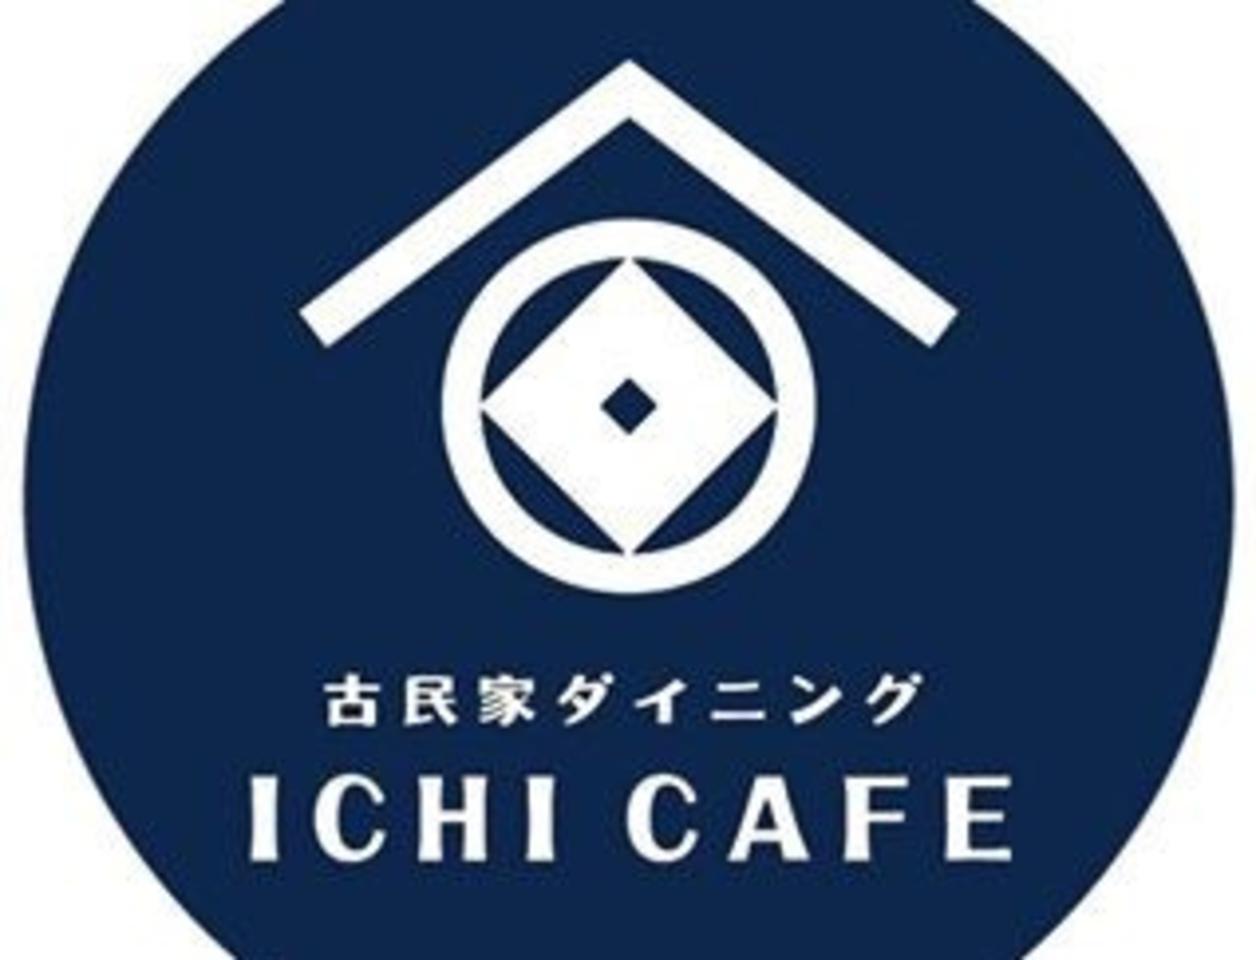 豊橋の駅前大通駅近くに古民家ダイニング「ICHI CAFE」本日グランドオープンのようです。